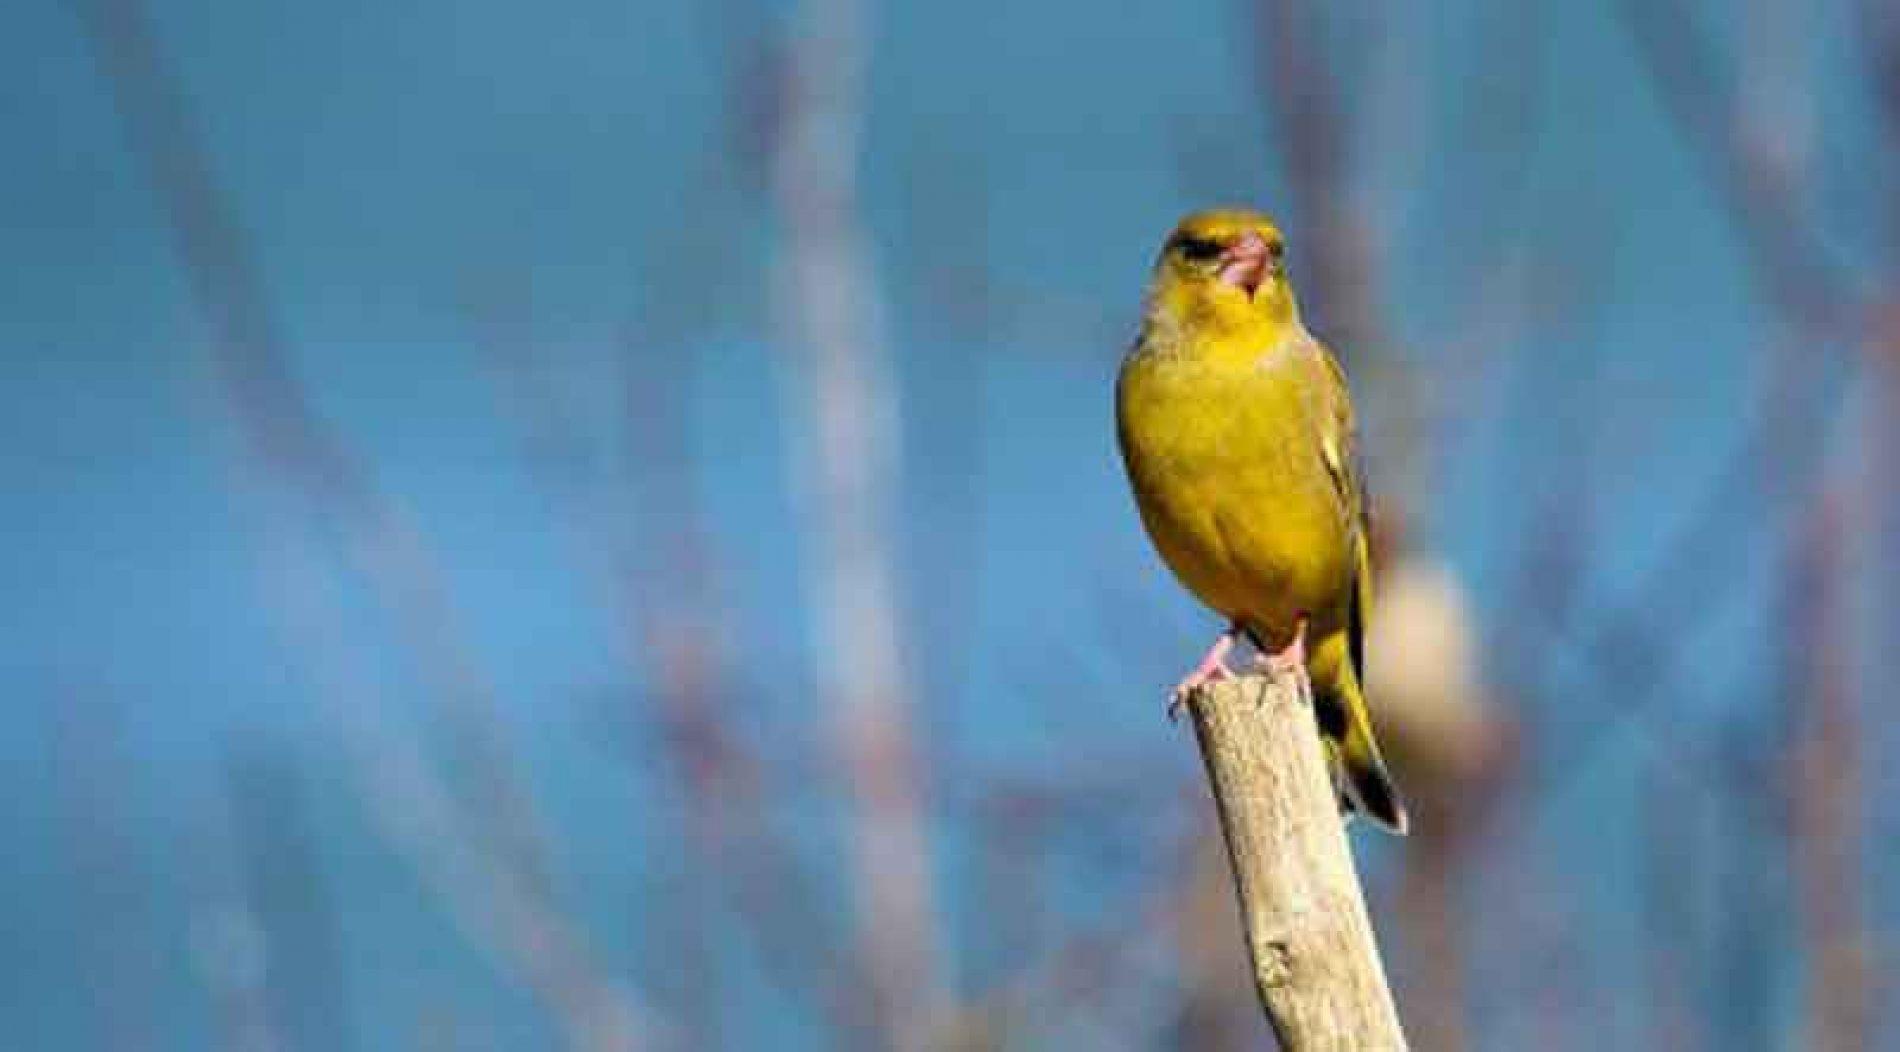 Los silvestristas condenan el furtivismo y la captura ilegal de aves